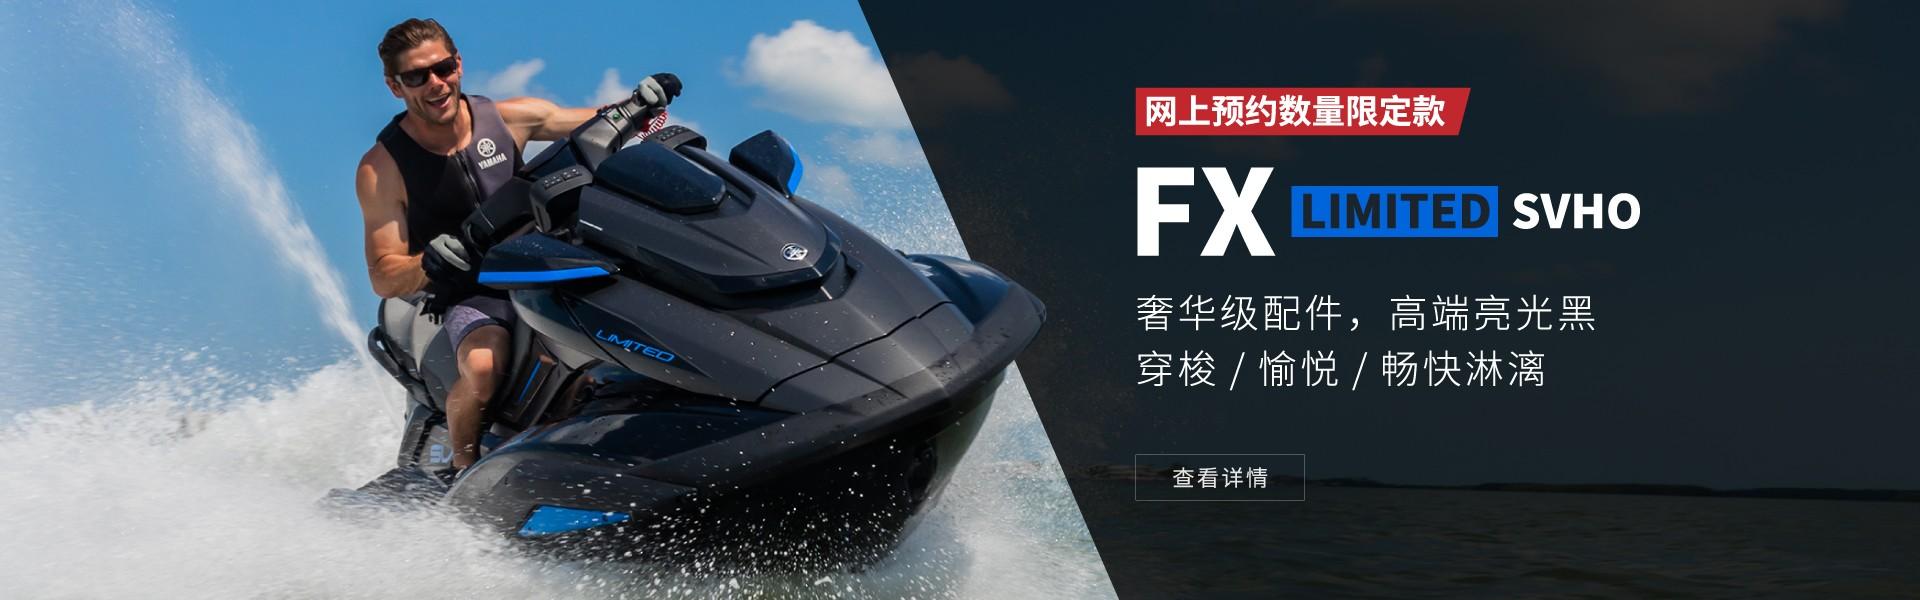 新款 FX LTD.jpg